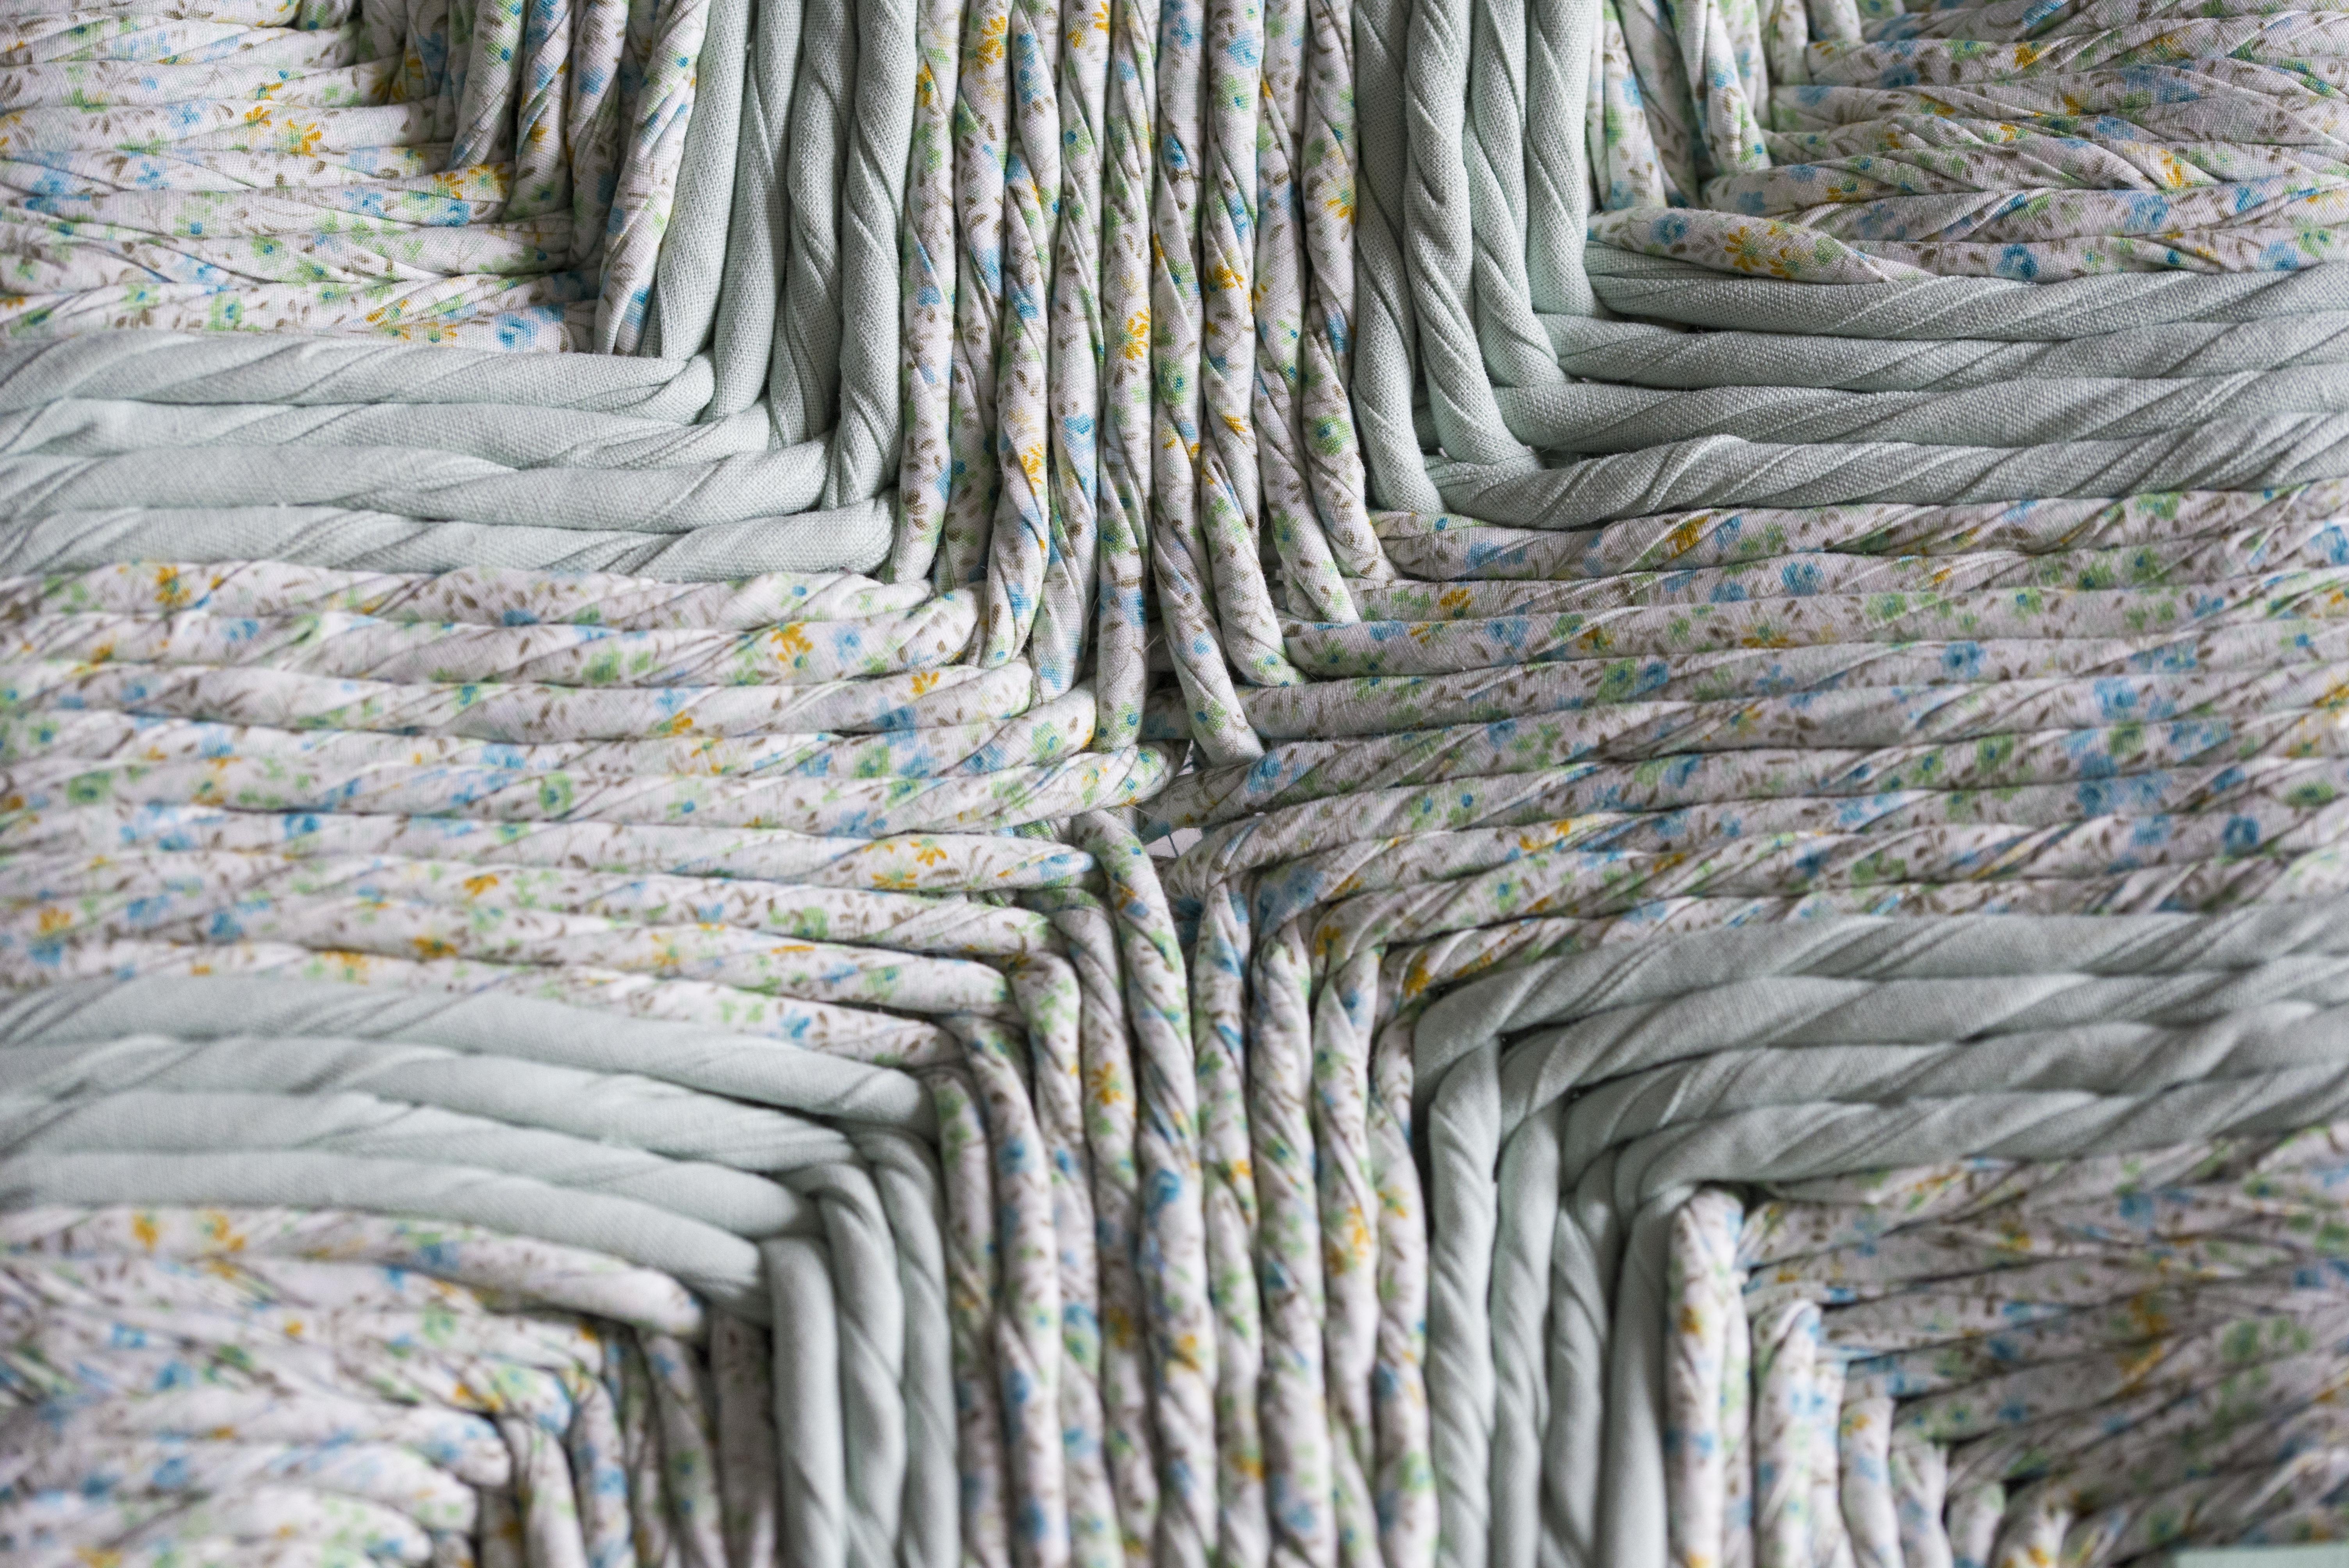 wood is folies tabouret romantique rempaillage en torons de tissus peinture menthe a l eau finition vernis mat detail du tressage canteleu rouen normandie